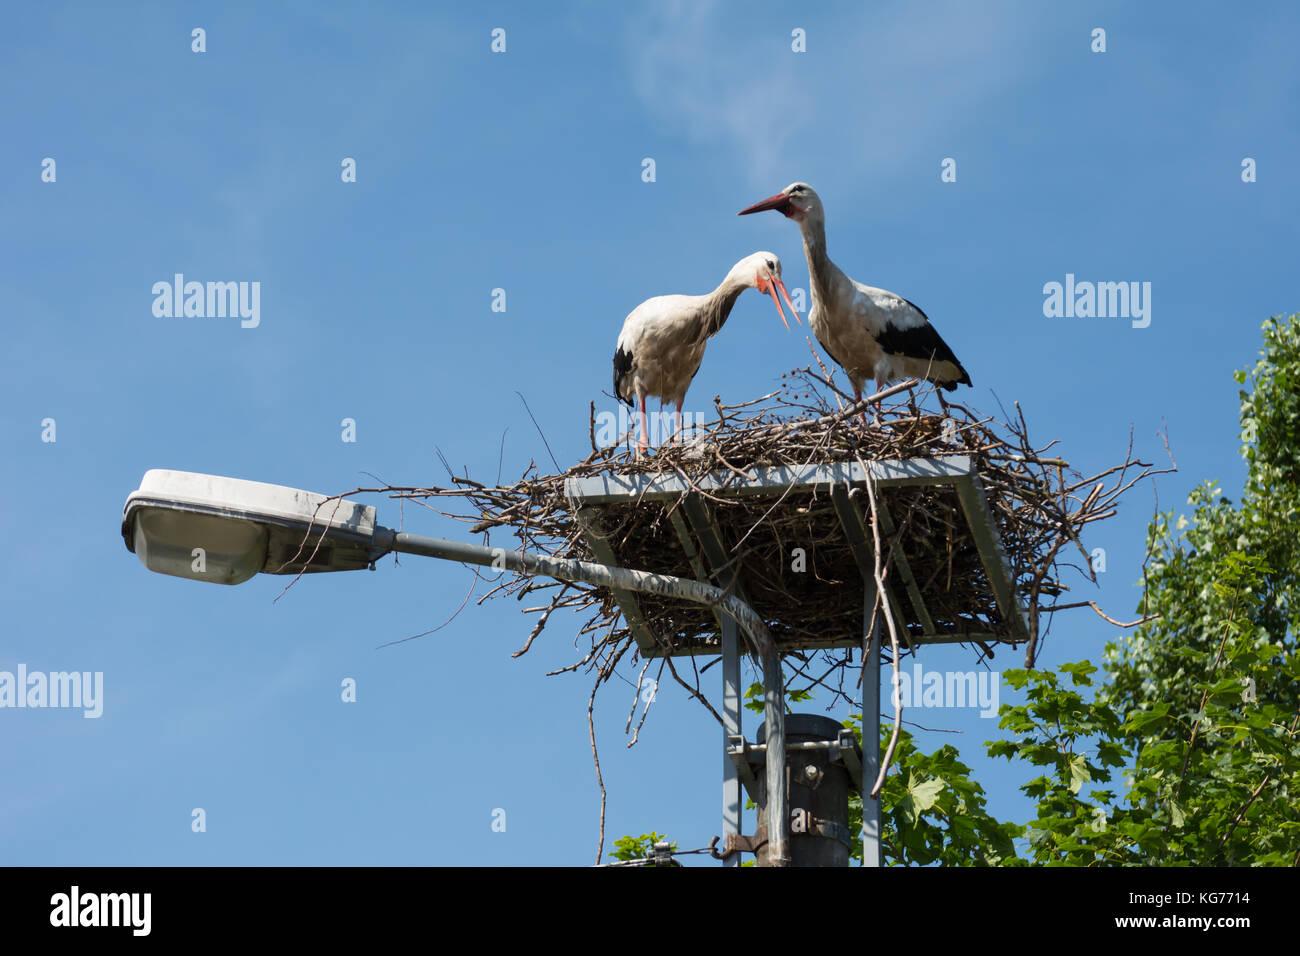 Ein paar Störche in ihrem Nest hoch oben auf der Straßenlaterne Stockfoto